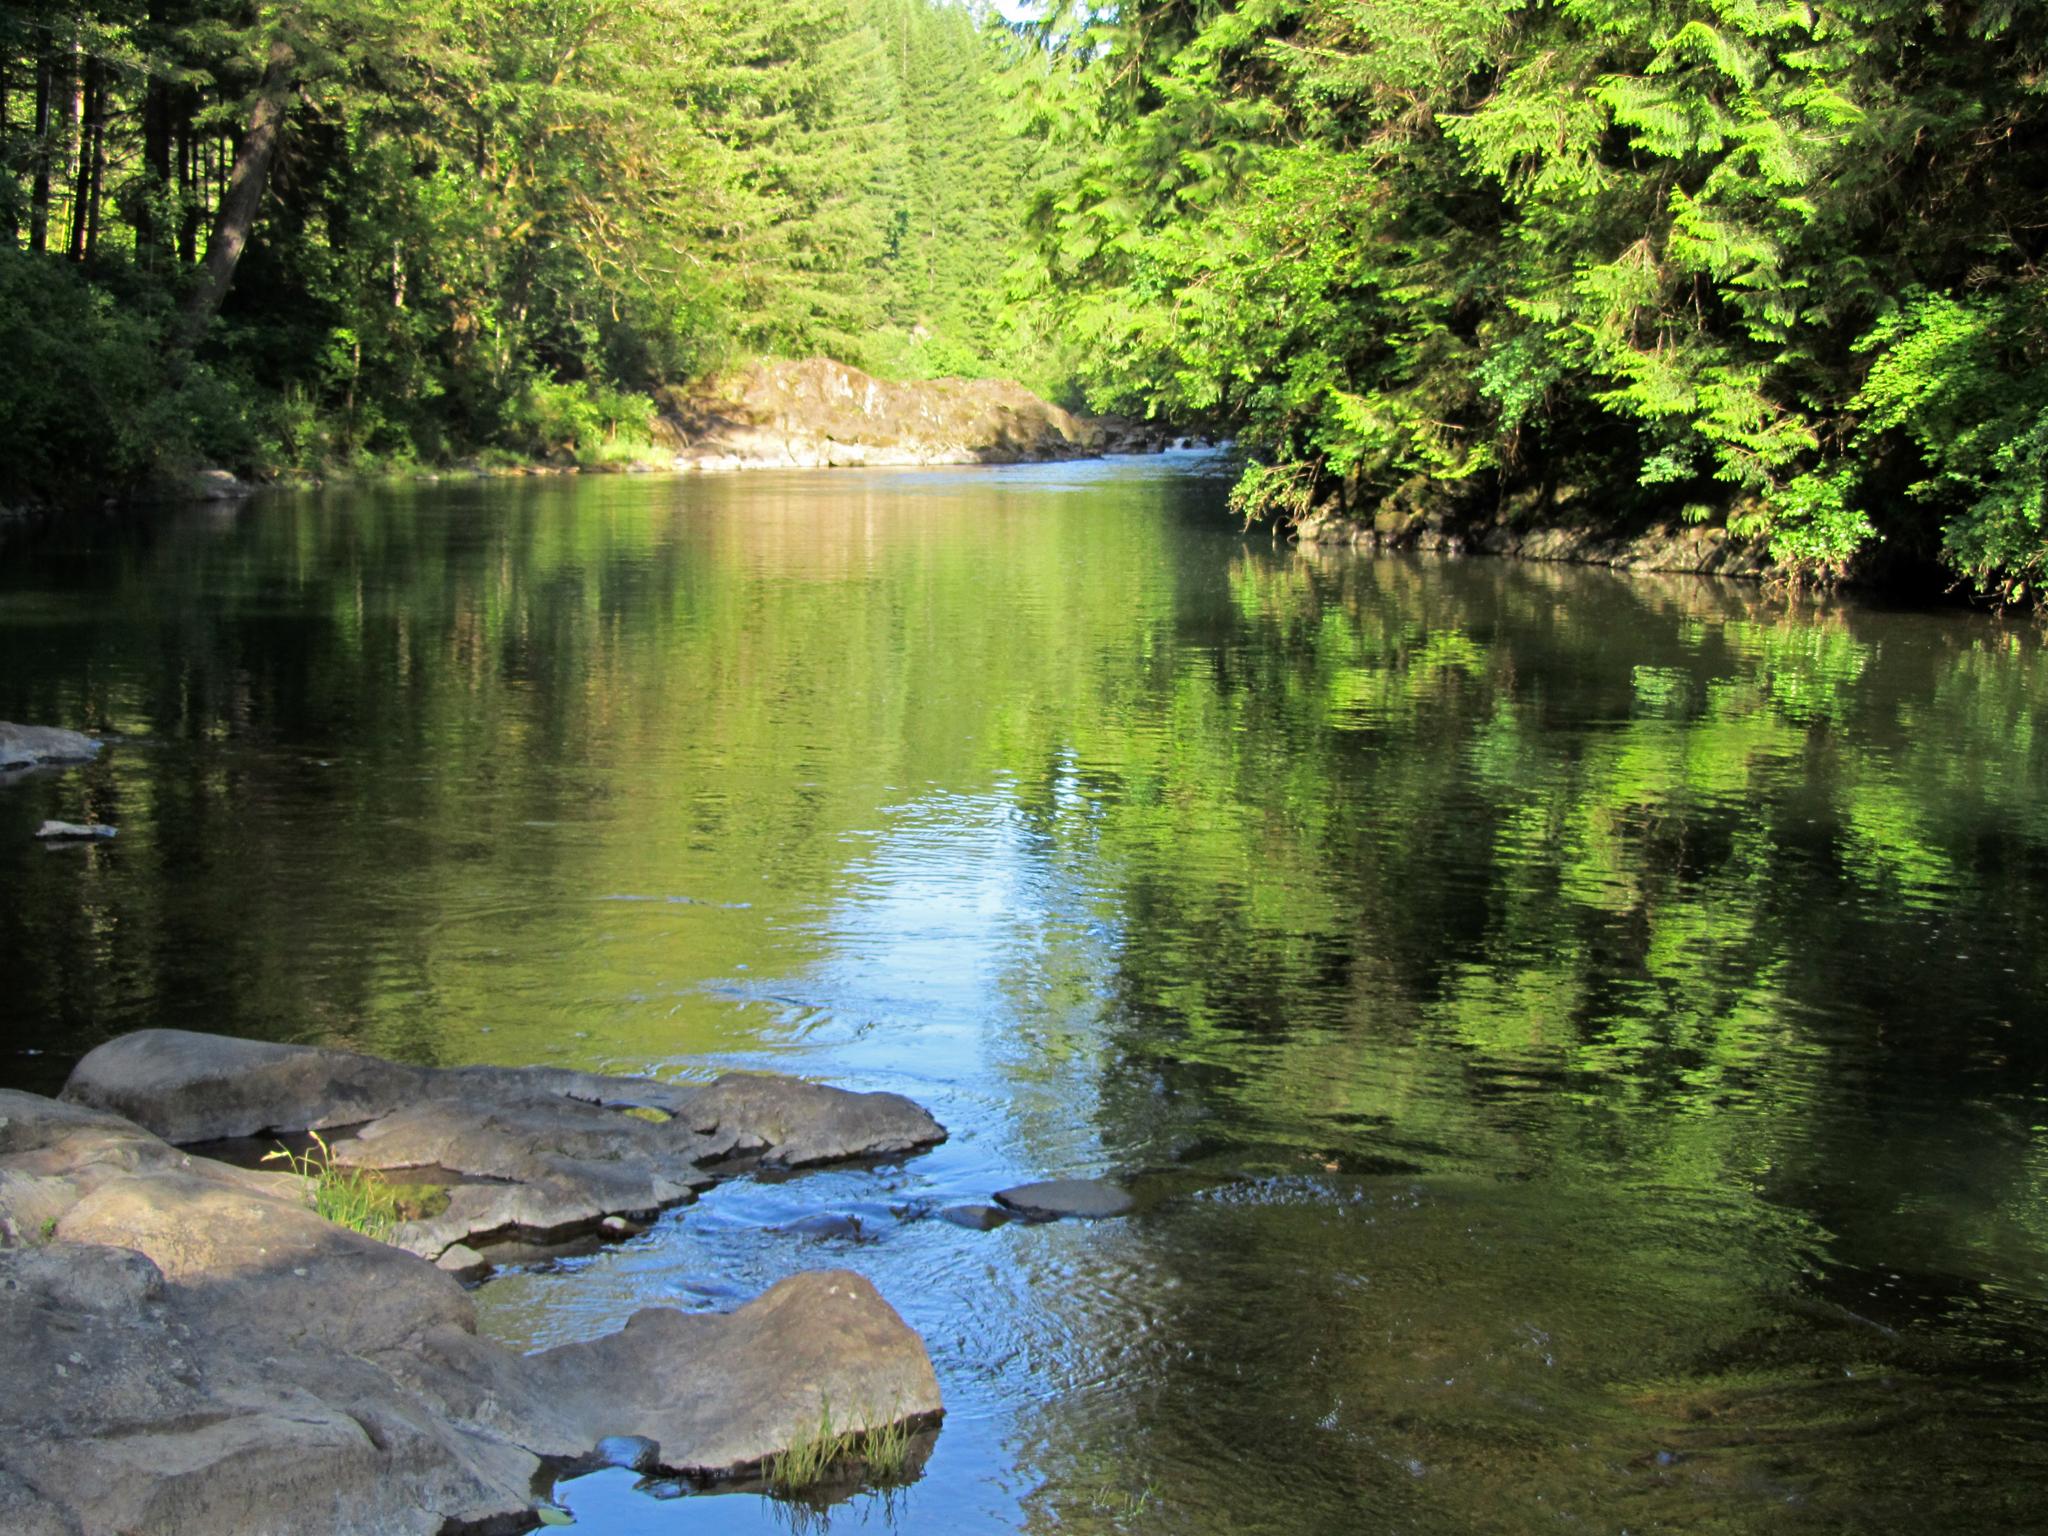 East Fork Lewis River at Moulton Falls Park in Washington 1.jpg